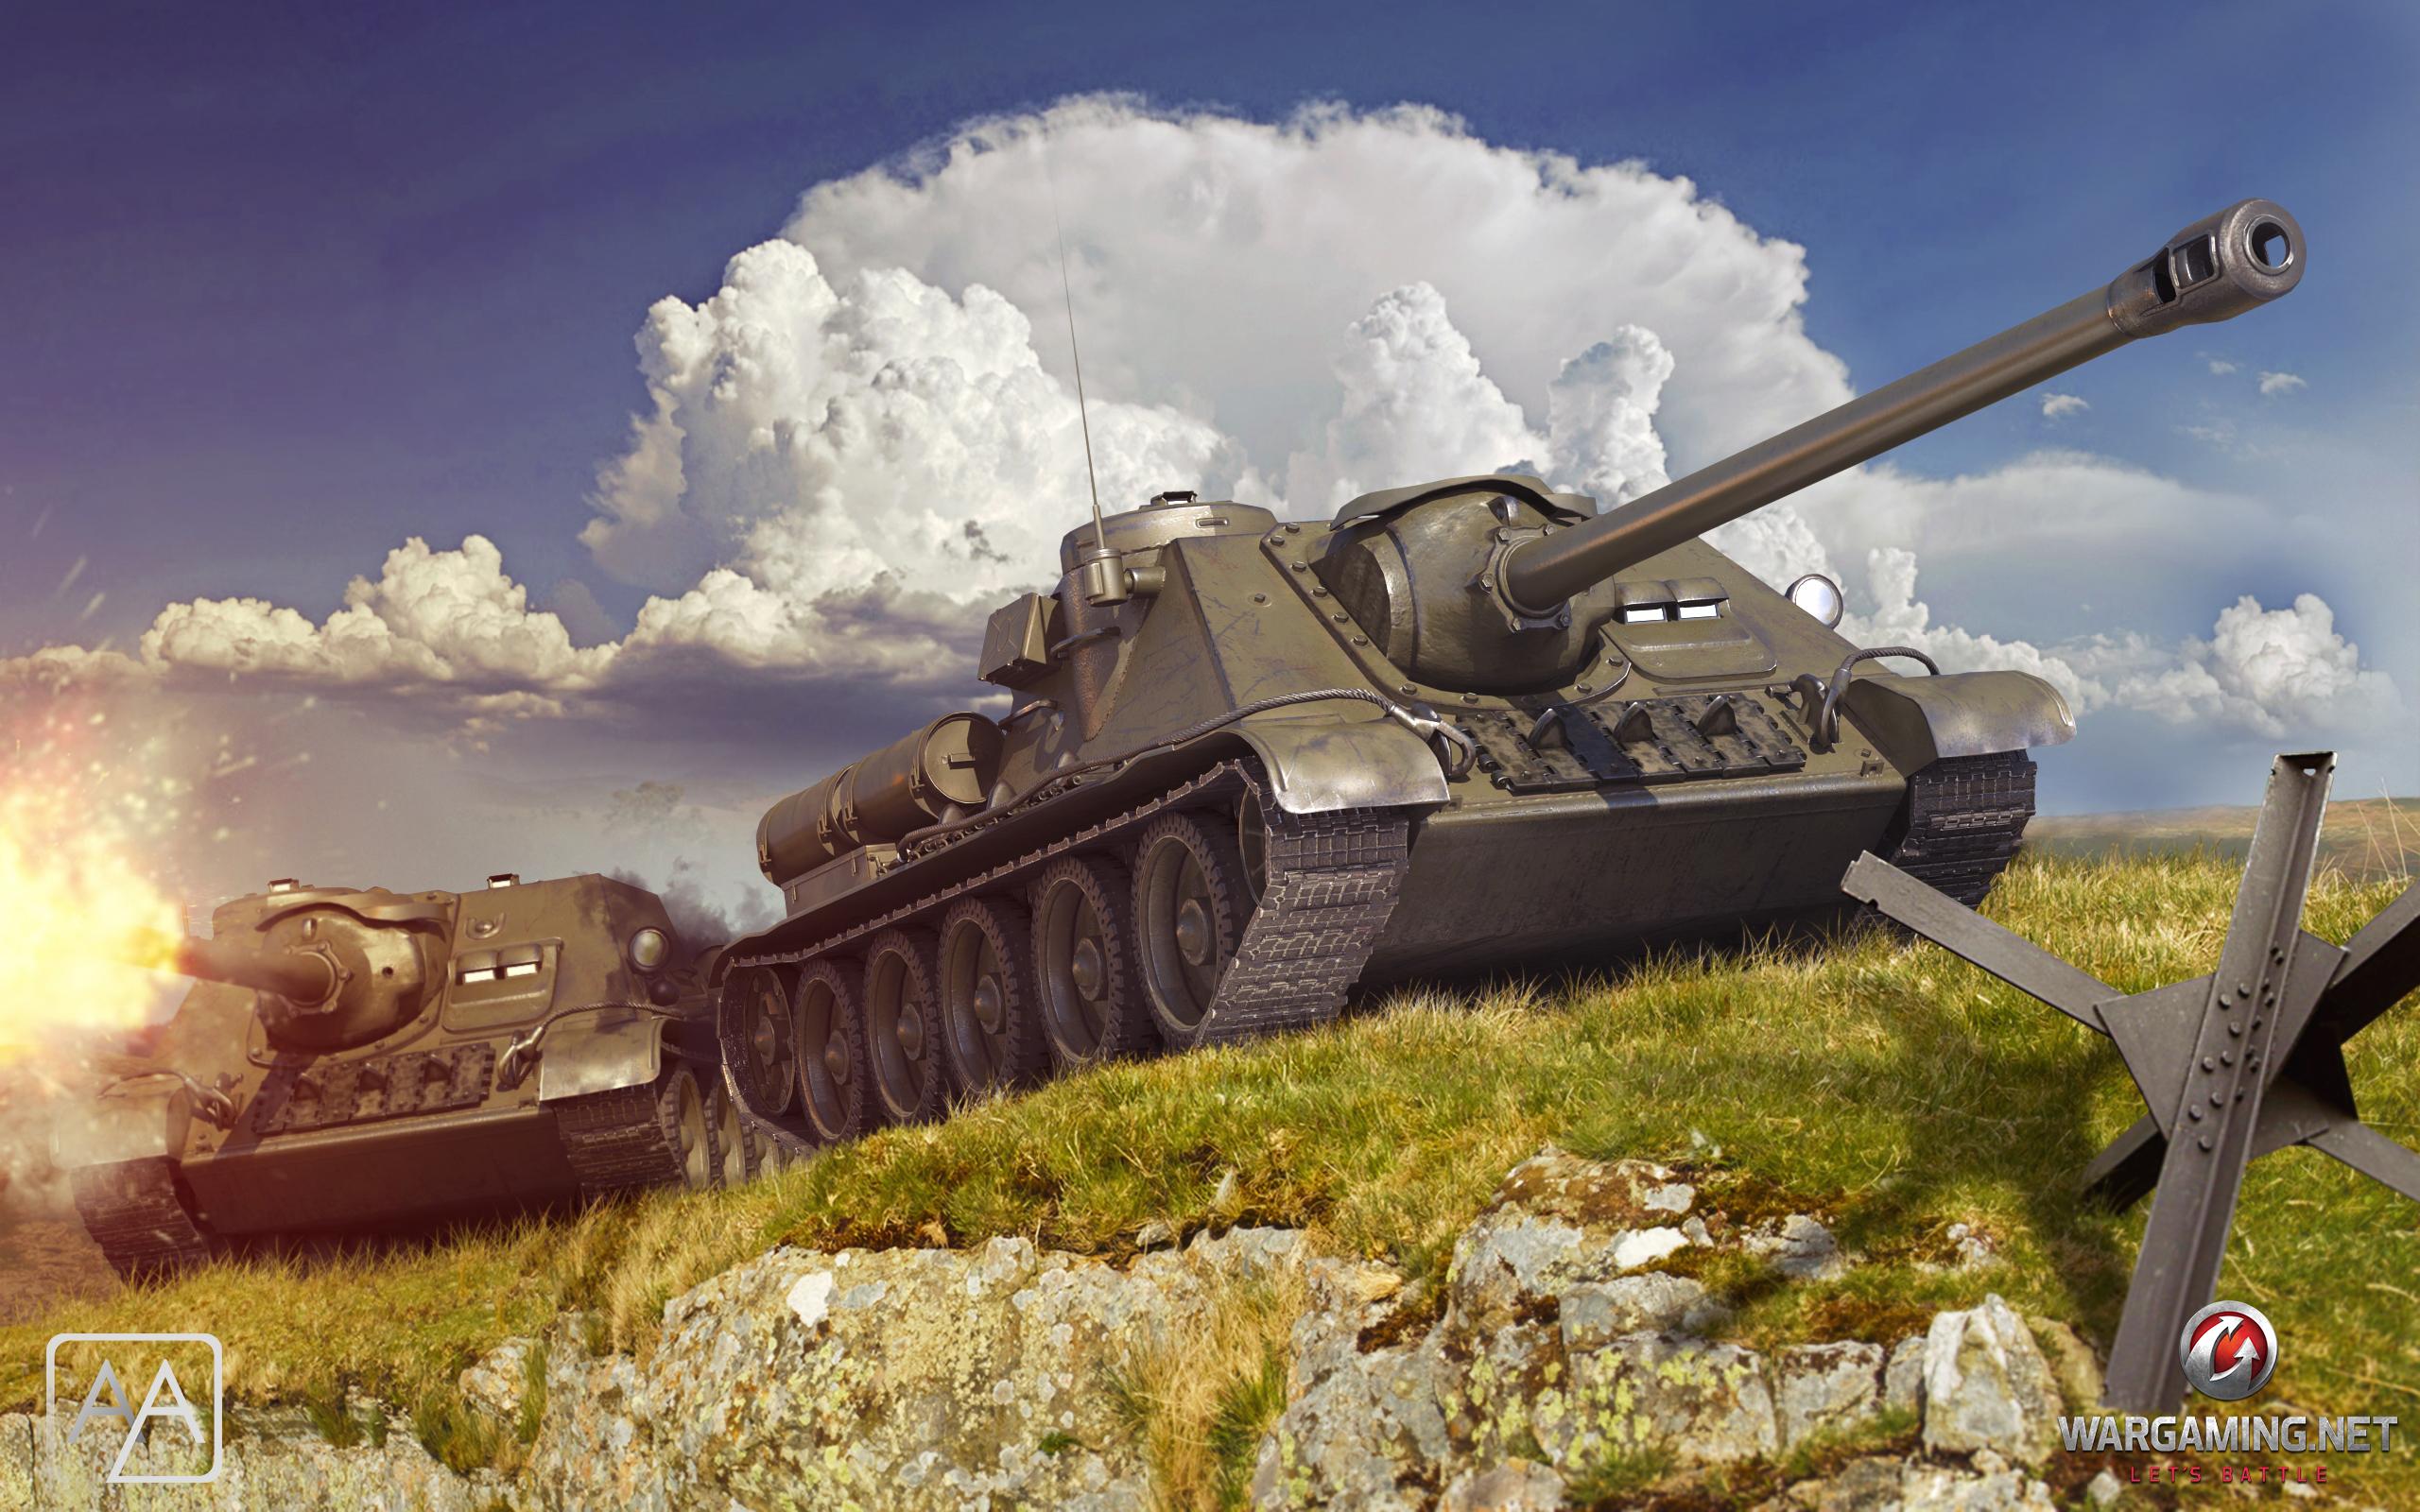 Обои для рабочего стола World of Tanks САУ USSR SU-85 3д вдвоем Игры 2560x1600 WOT Самоходка 2 два две Двое 3D Графика компьютерная игра